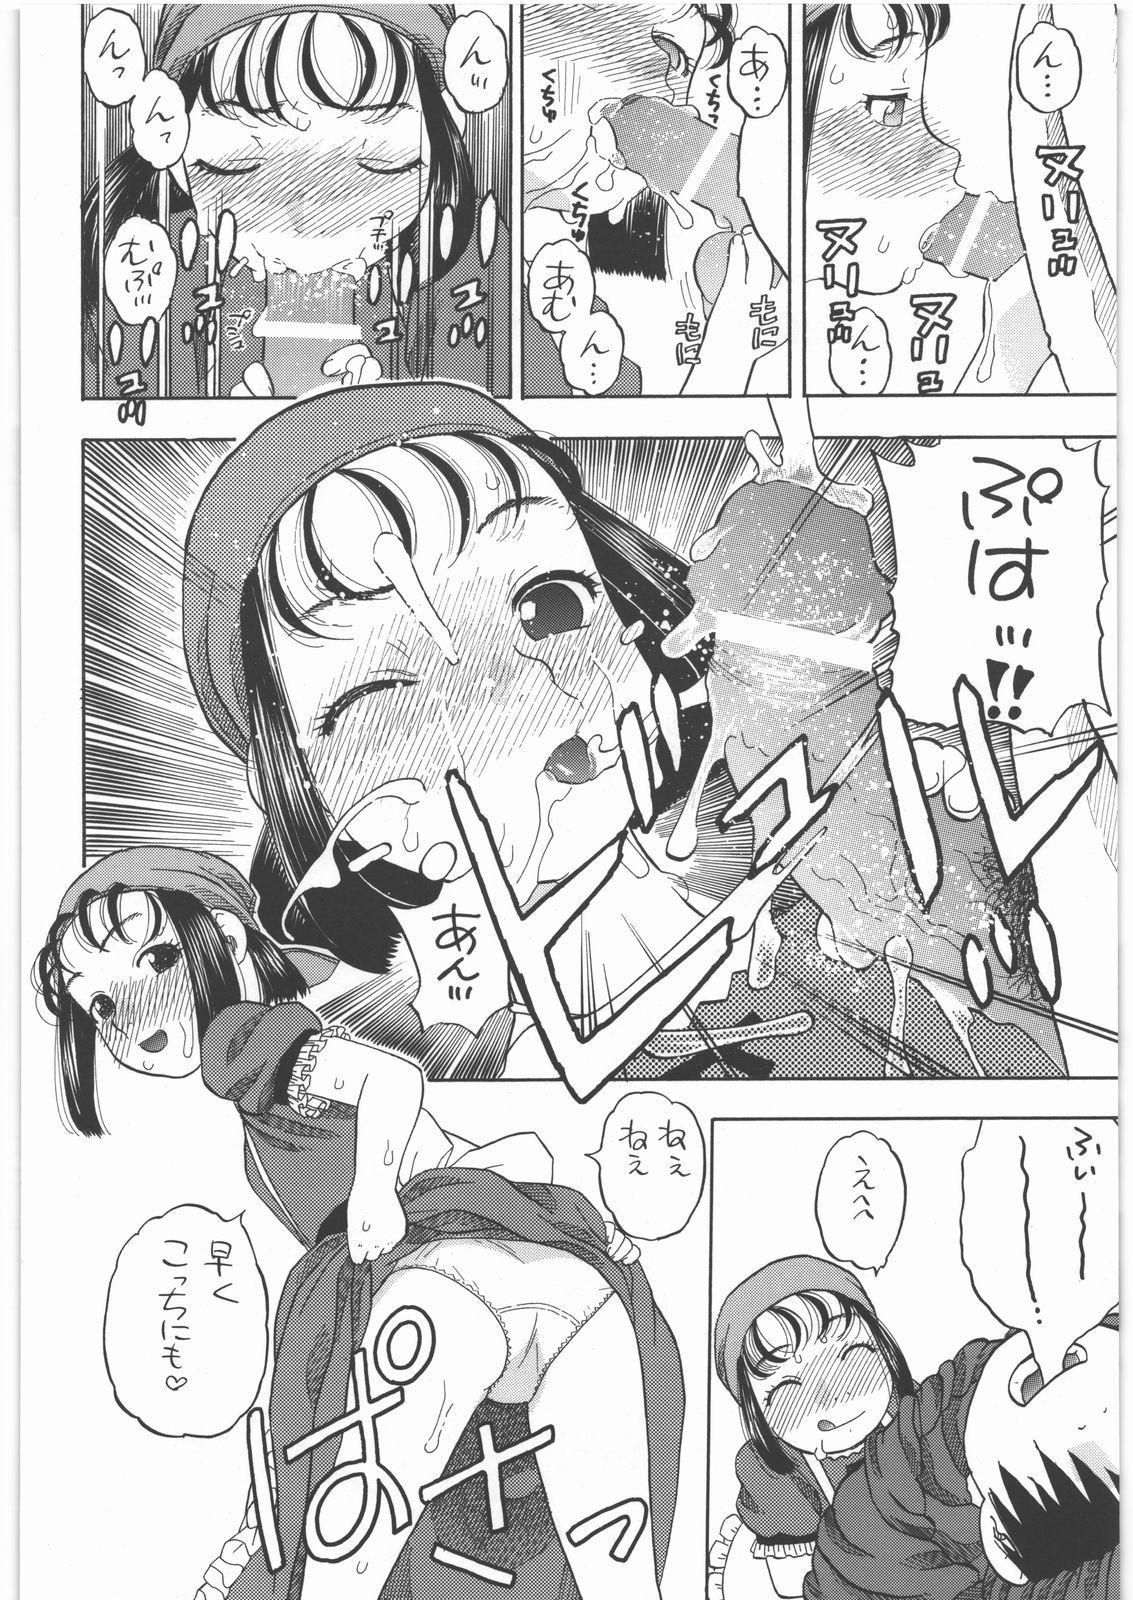 Yadoya no Rikka 18